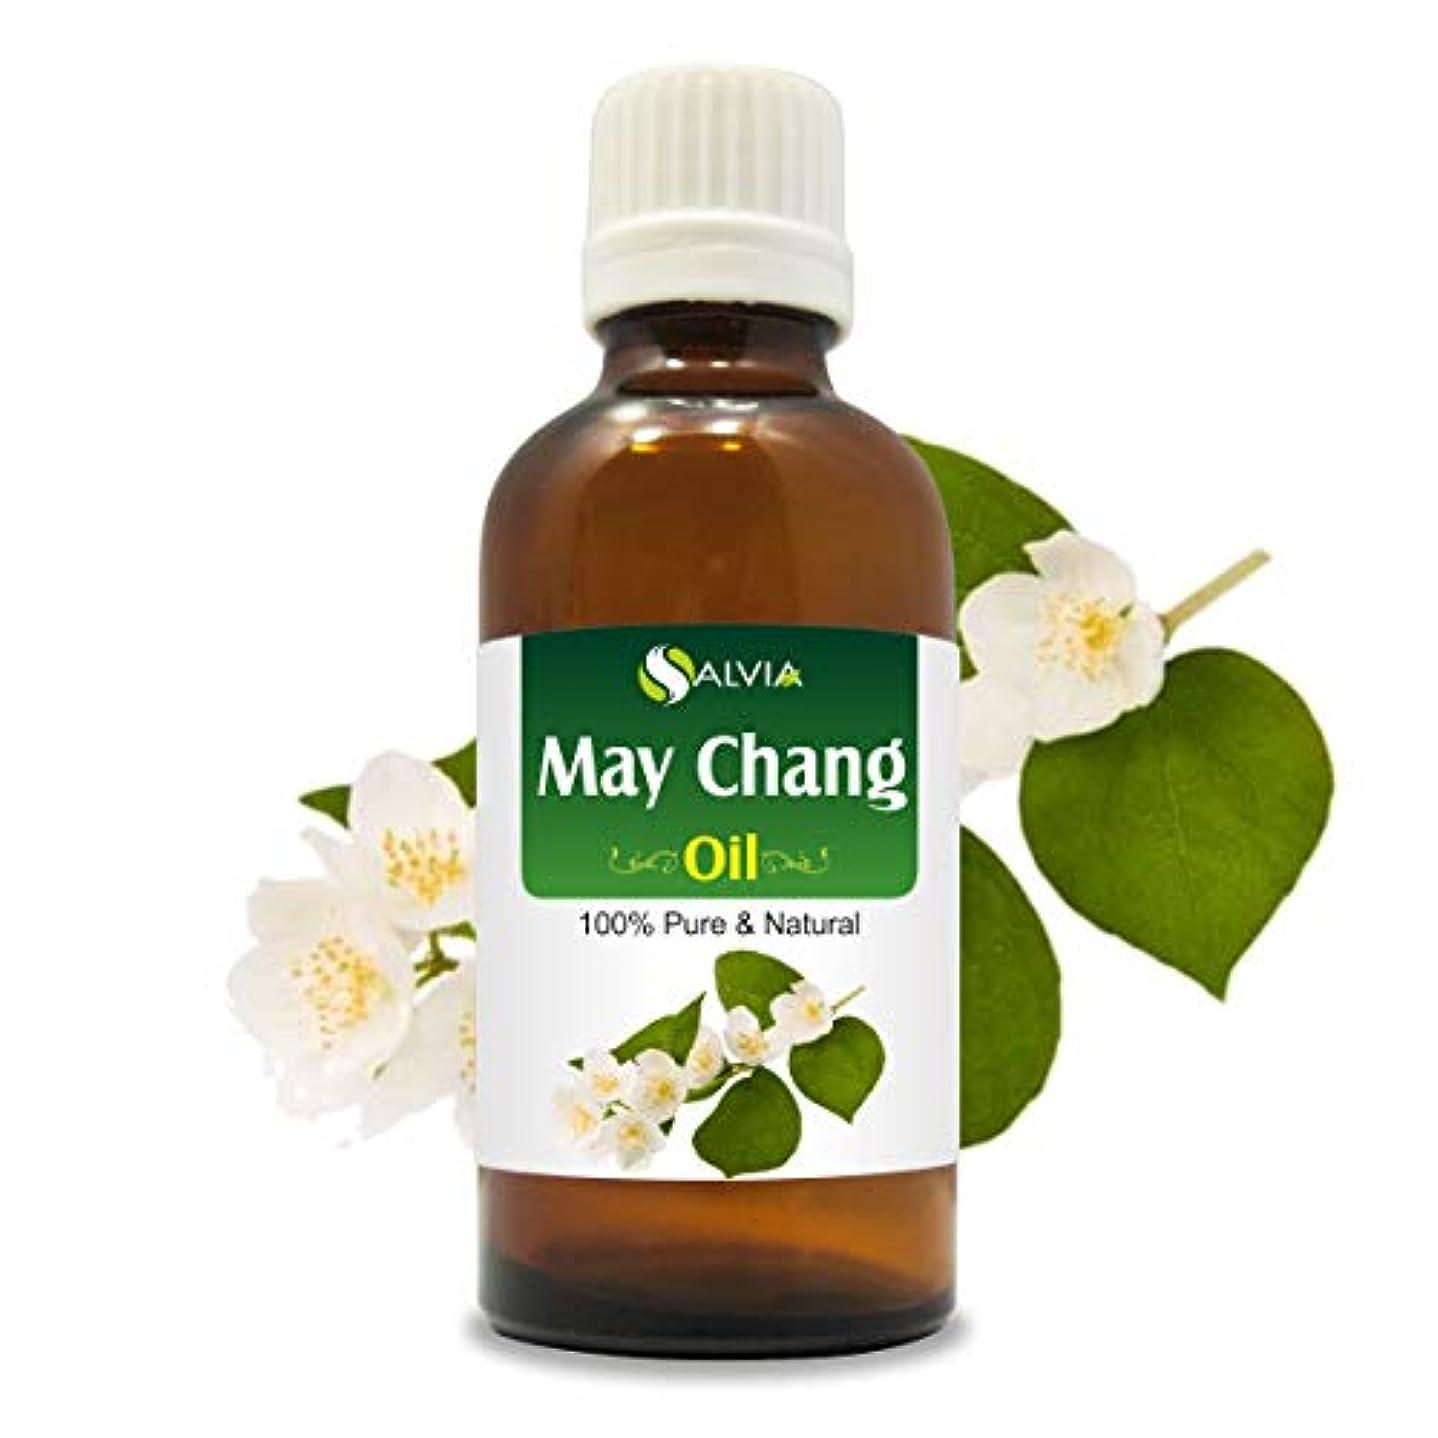 定数チャンバー美容師May Chang (Litsea Cubeba) Oil (Litsea cubeba) 100% Natural Pure Undiluted Uncut Essential Oil 30ml